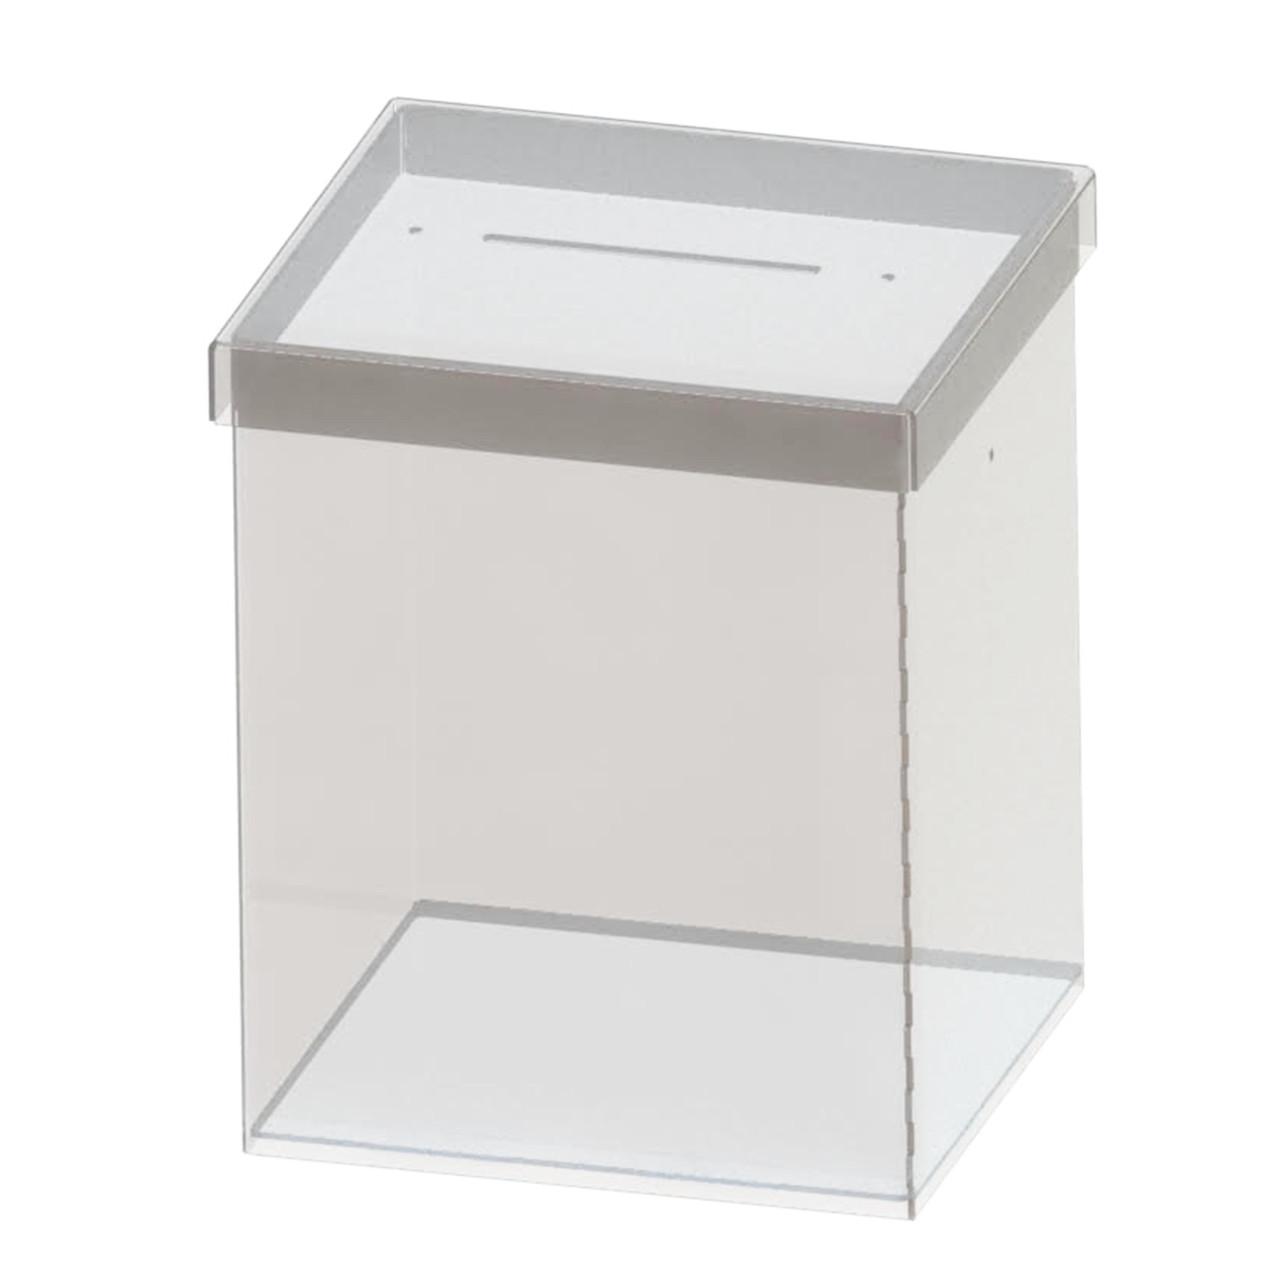 Ящик для пожертвований EKOSTAR под пломбу. Объем 9,5 литров